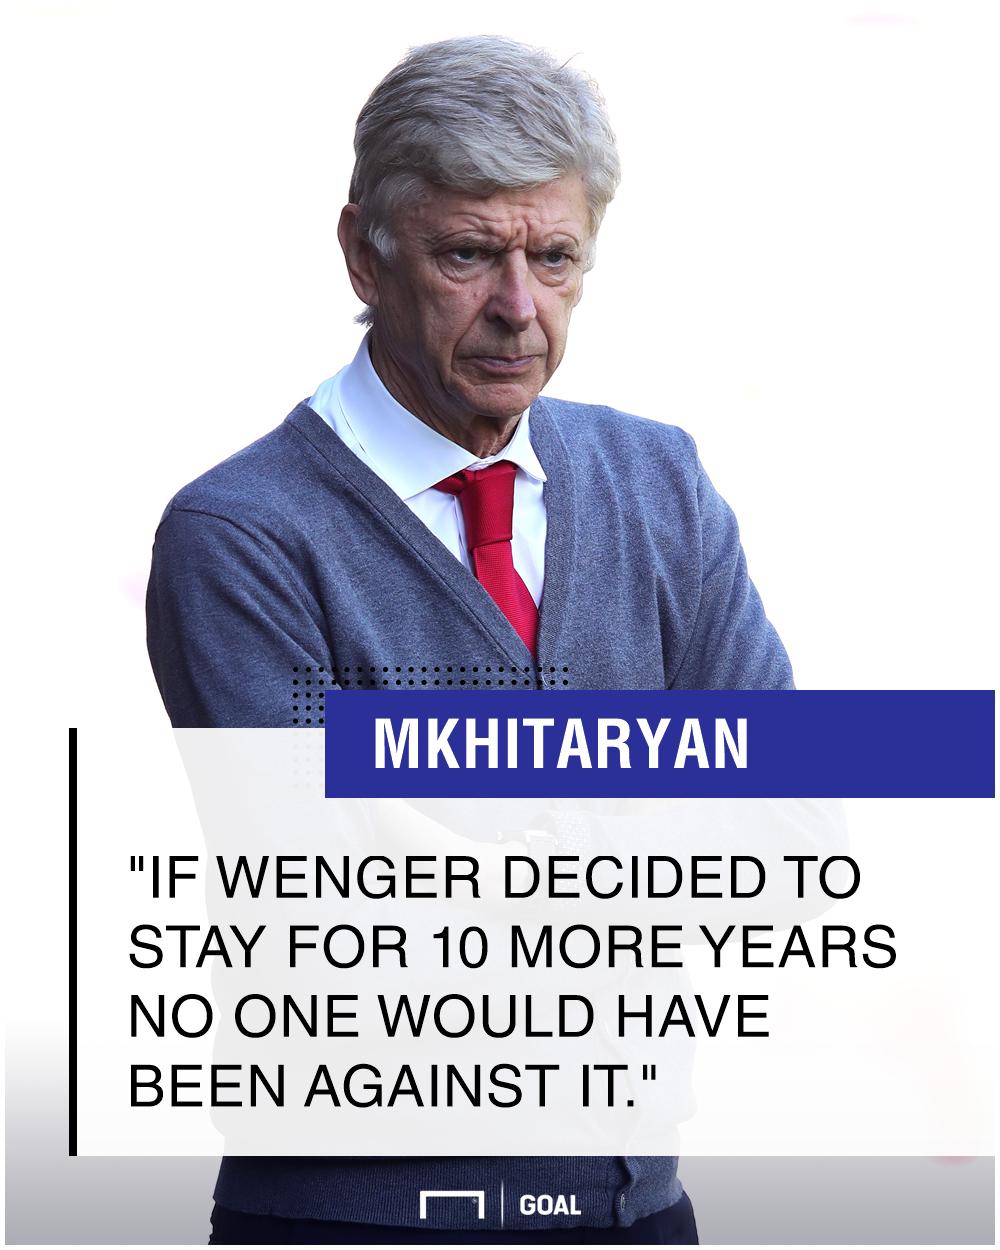 Mkhitaryan on Wenger